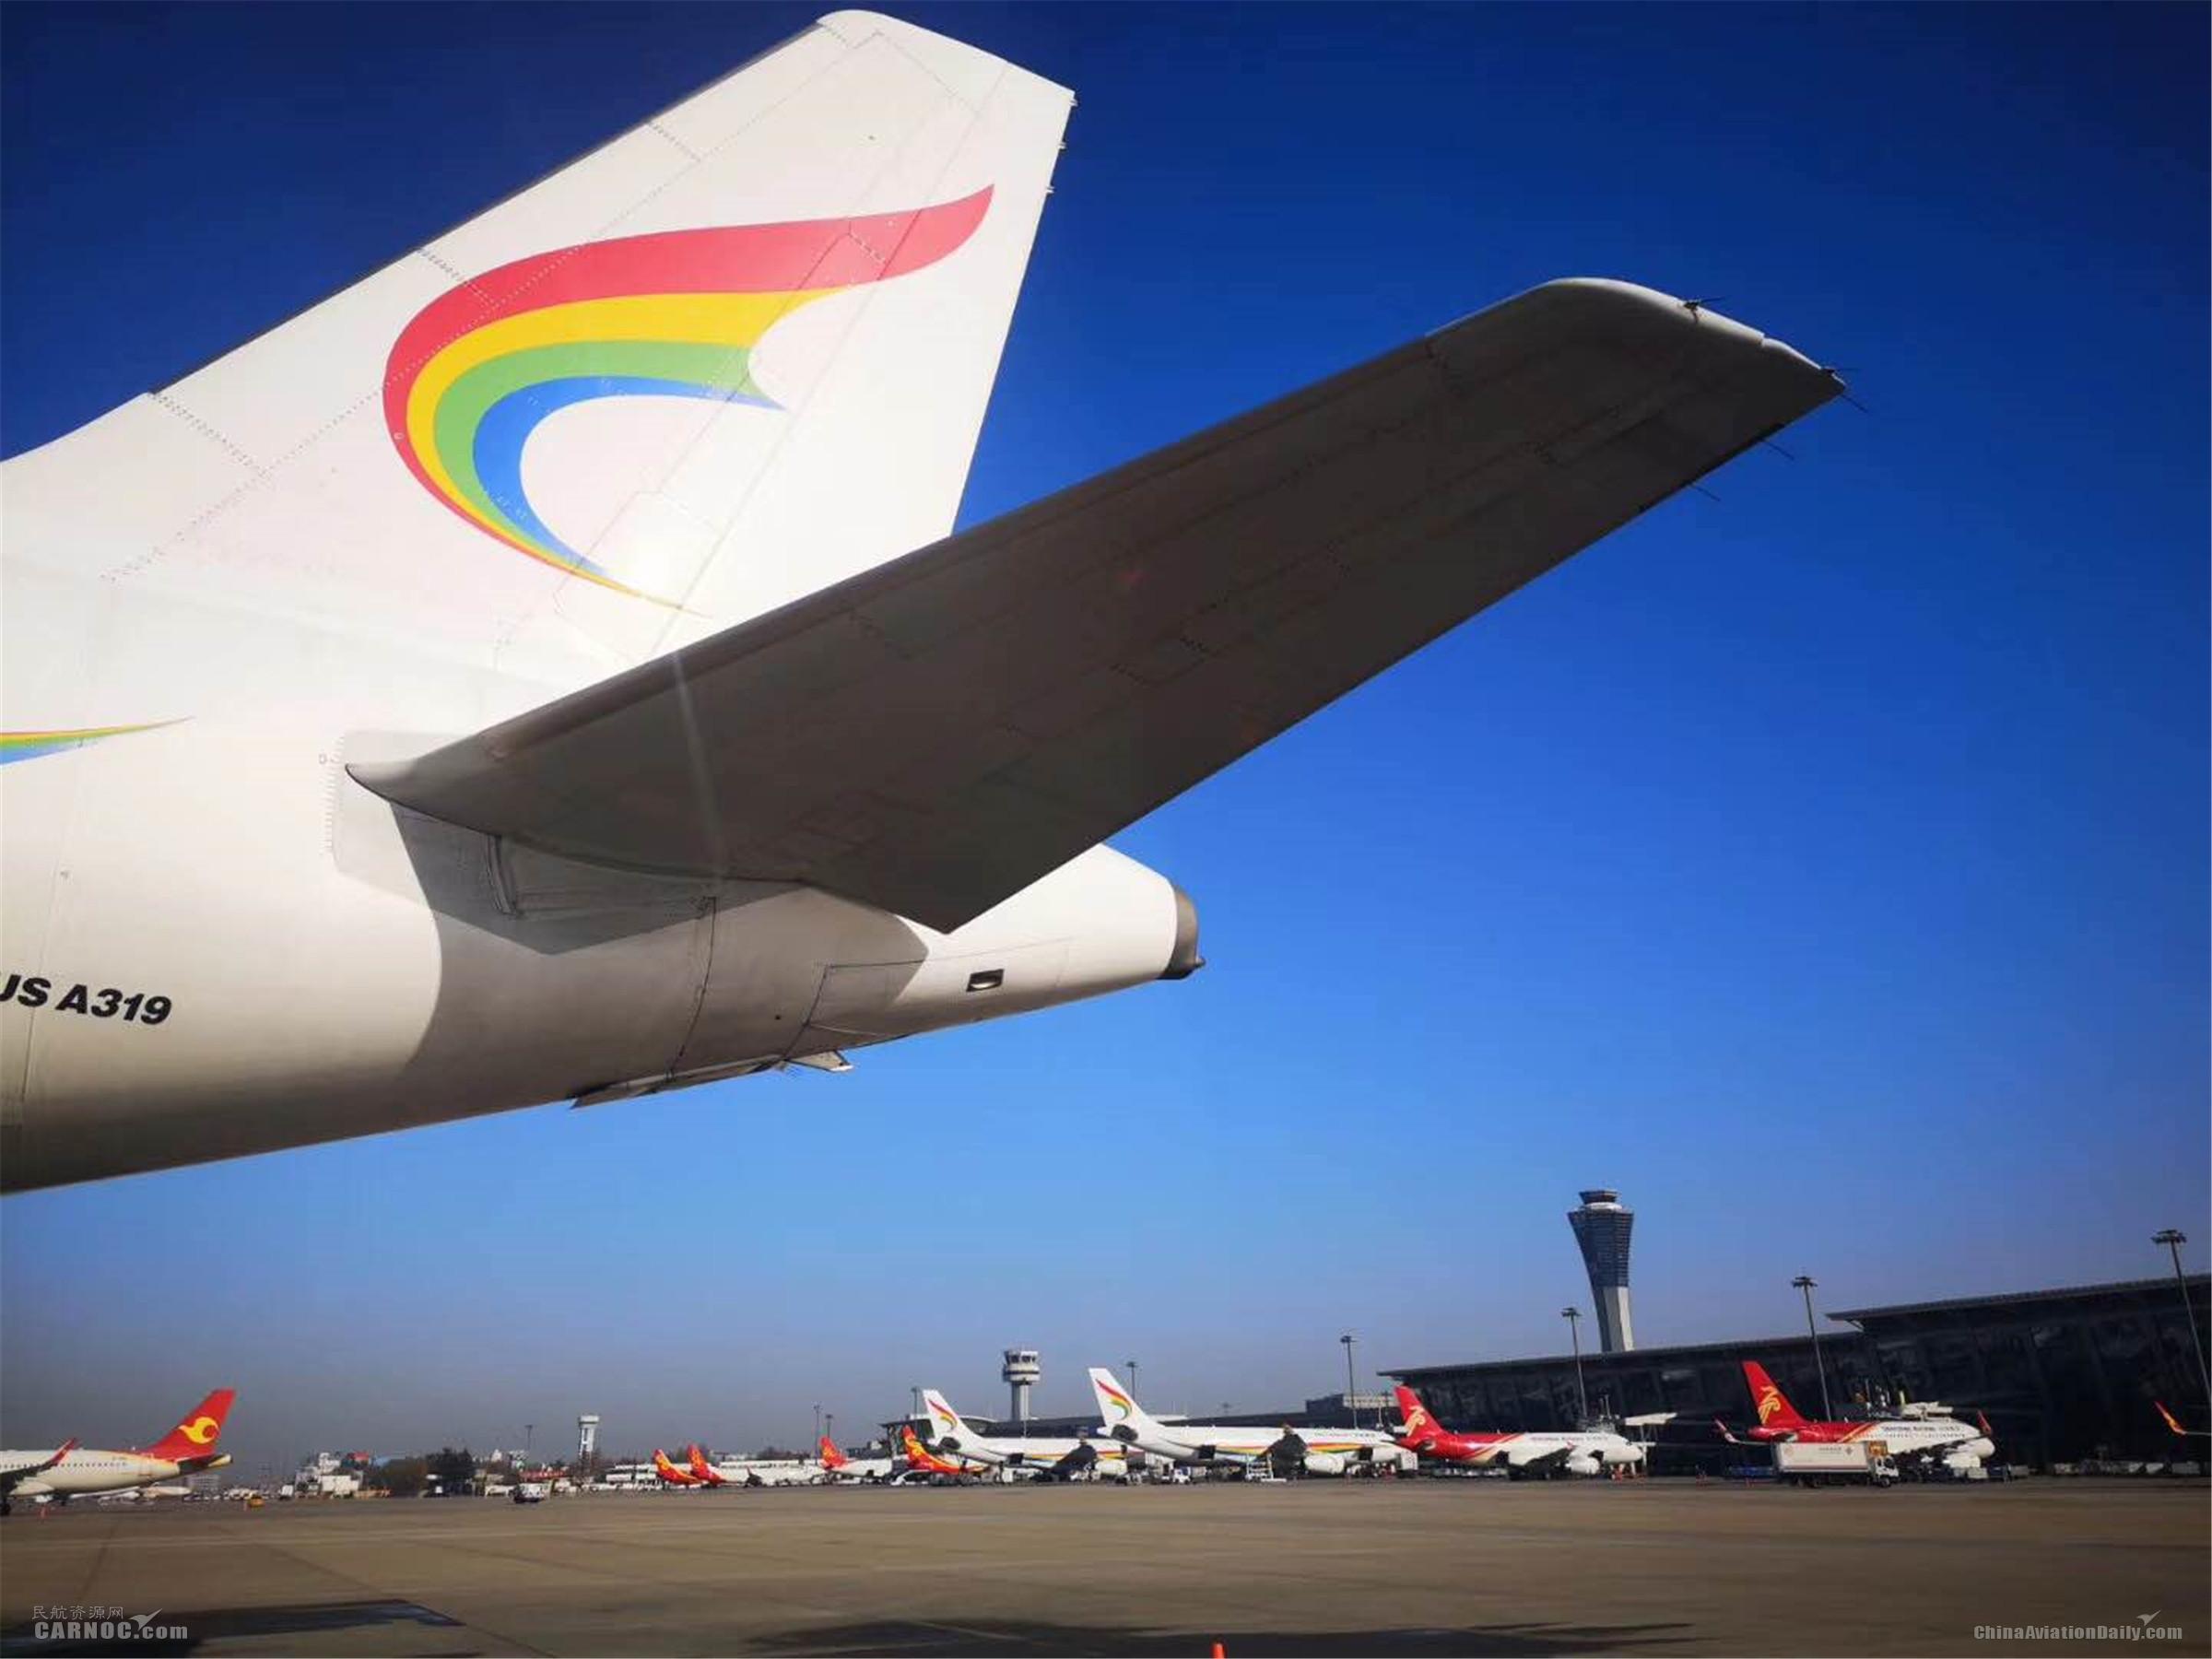 防疫情、保生产、助力复工 西藏航空营销委持续在行动